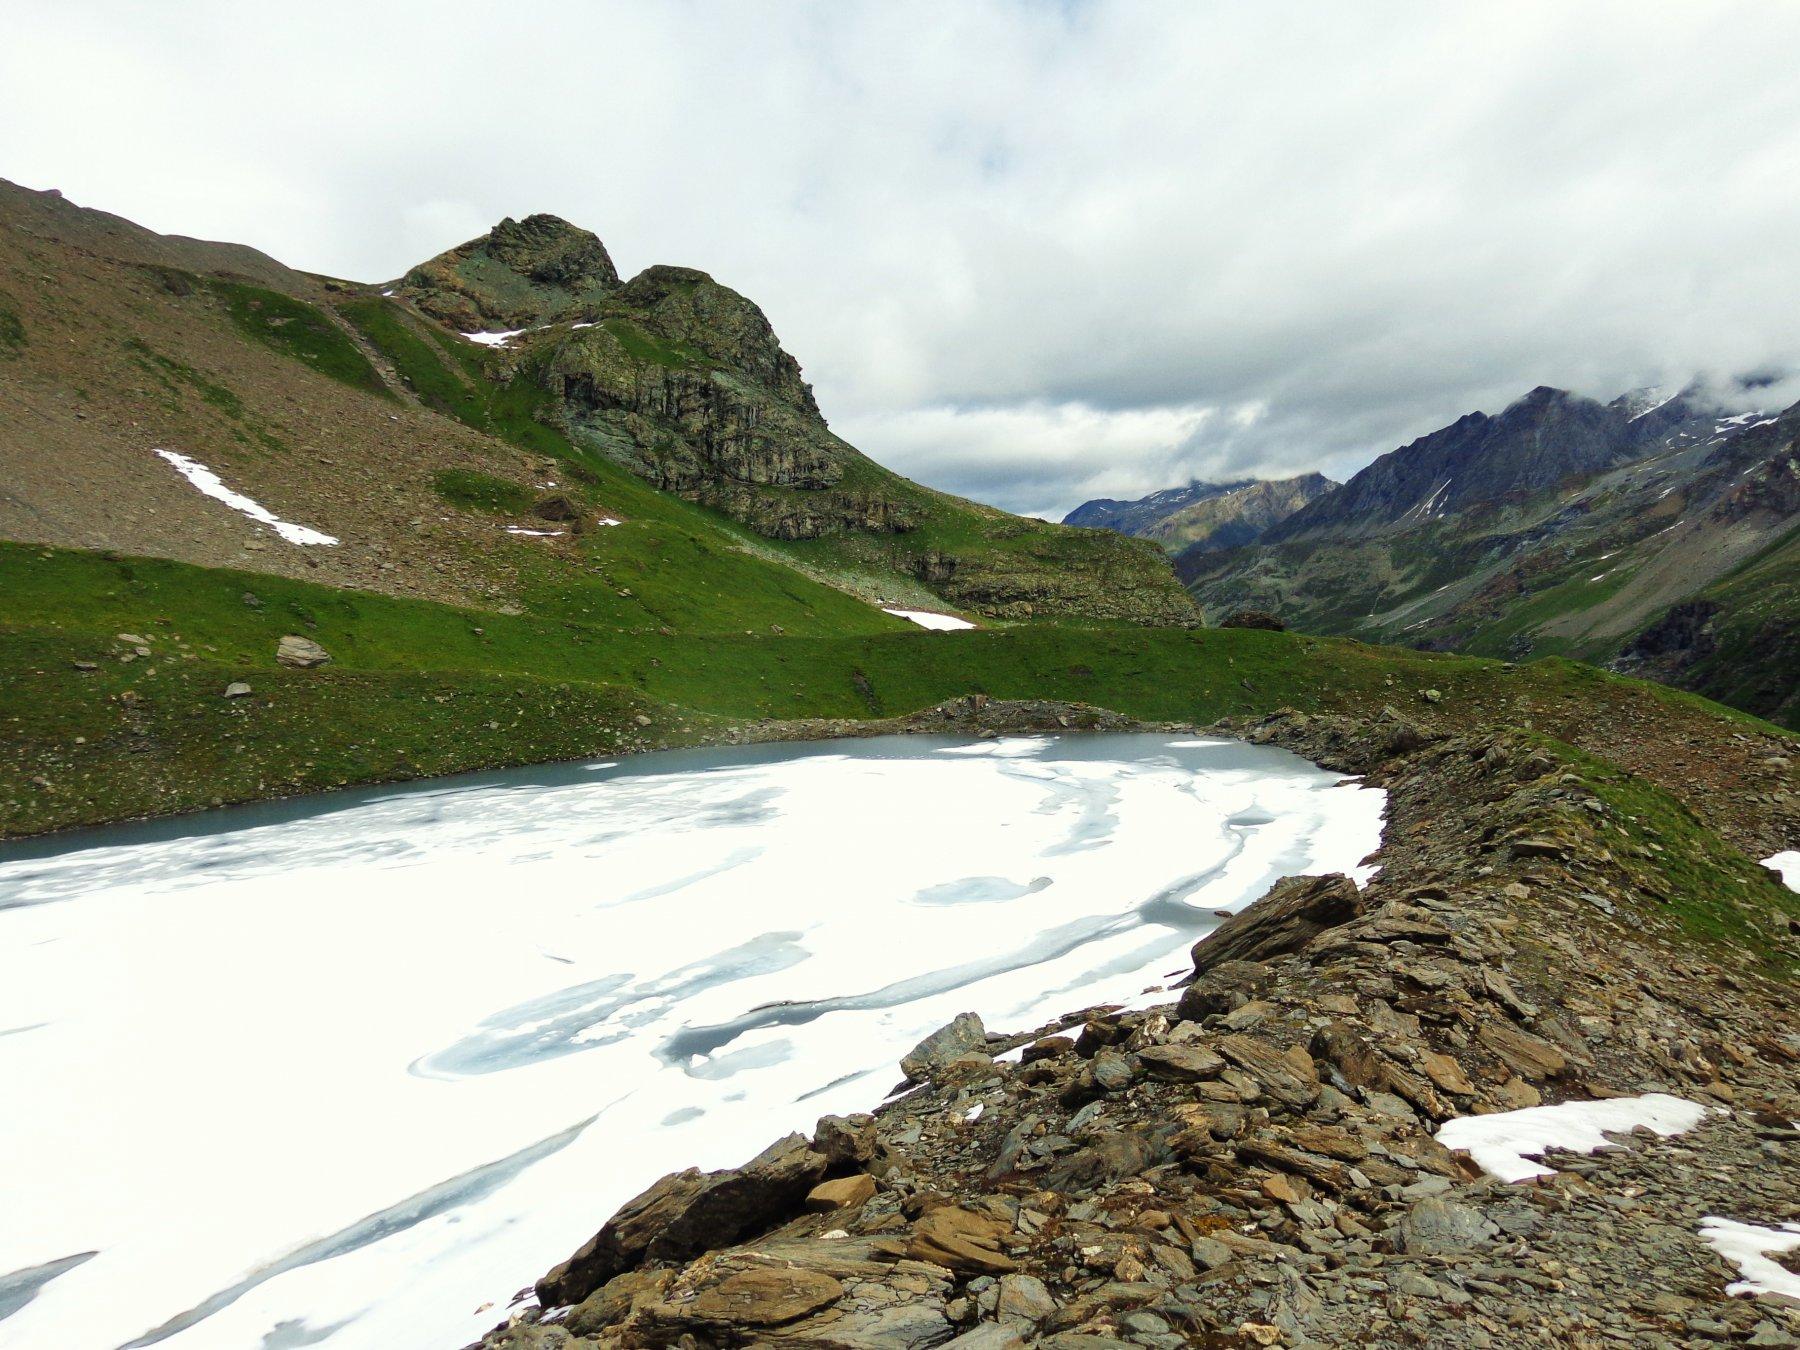 Il lago ancora congelato in parte